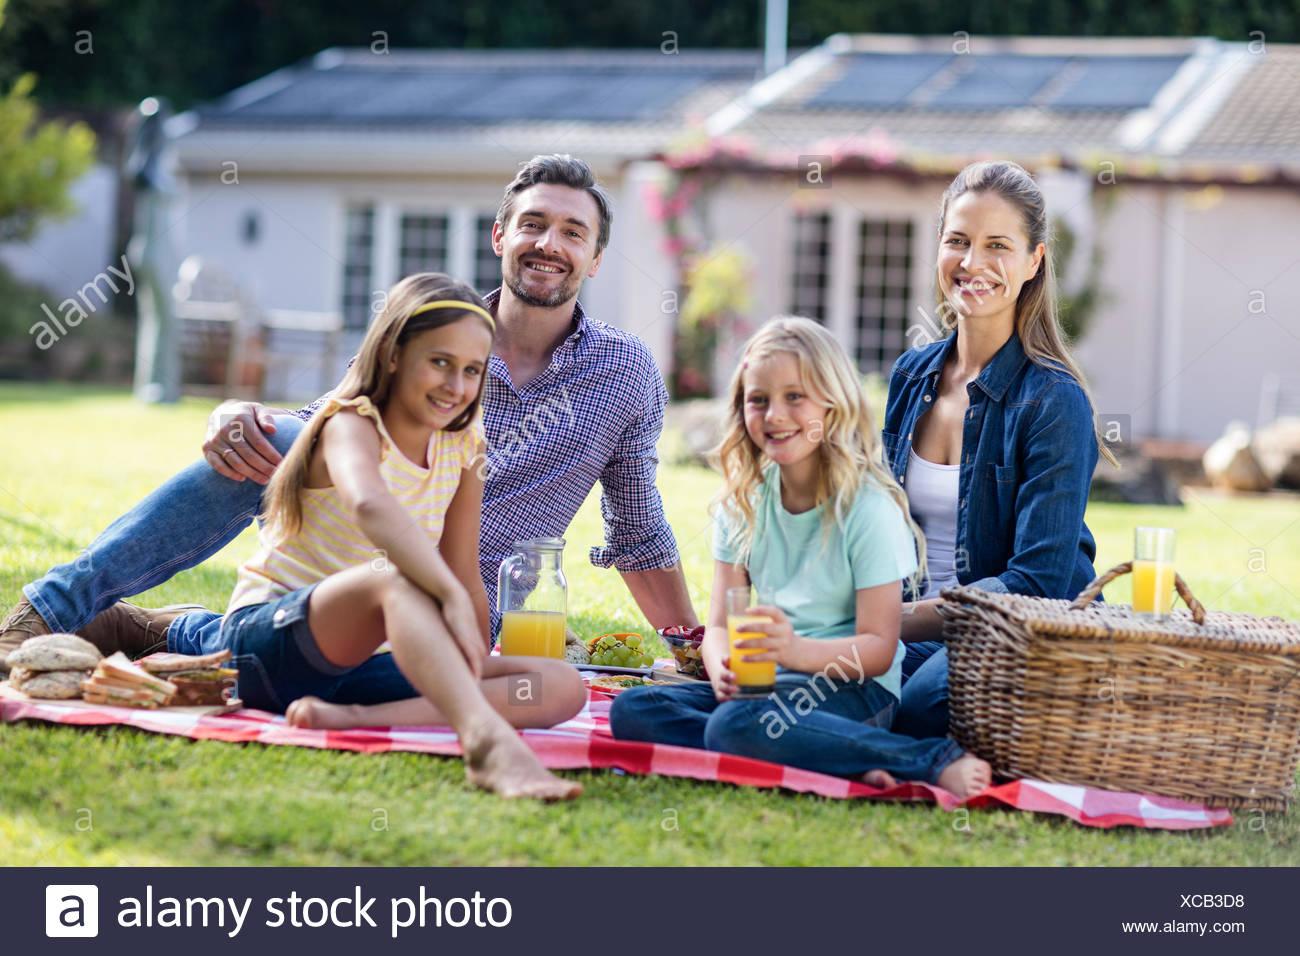 Happy family having a picnic - Stock Image